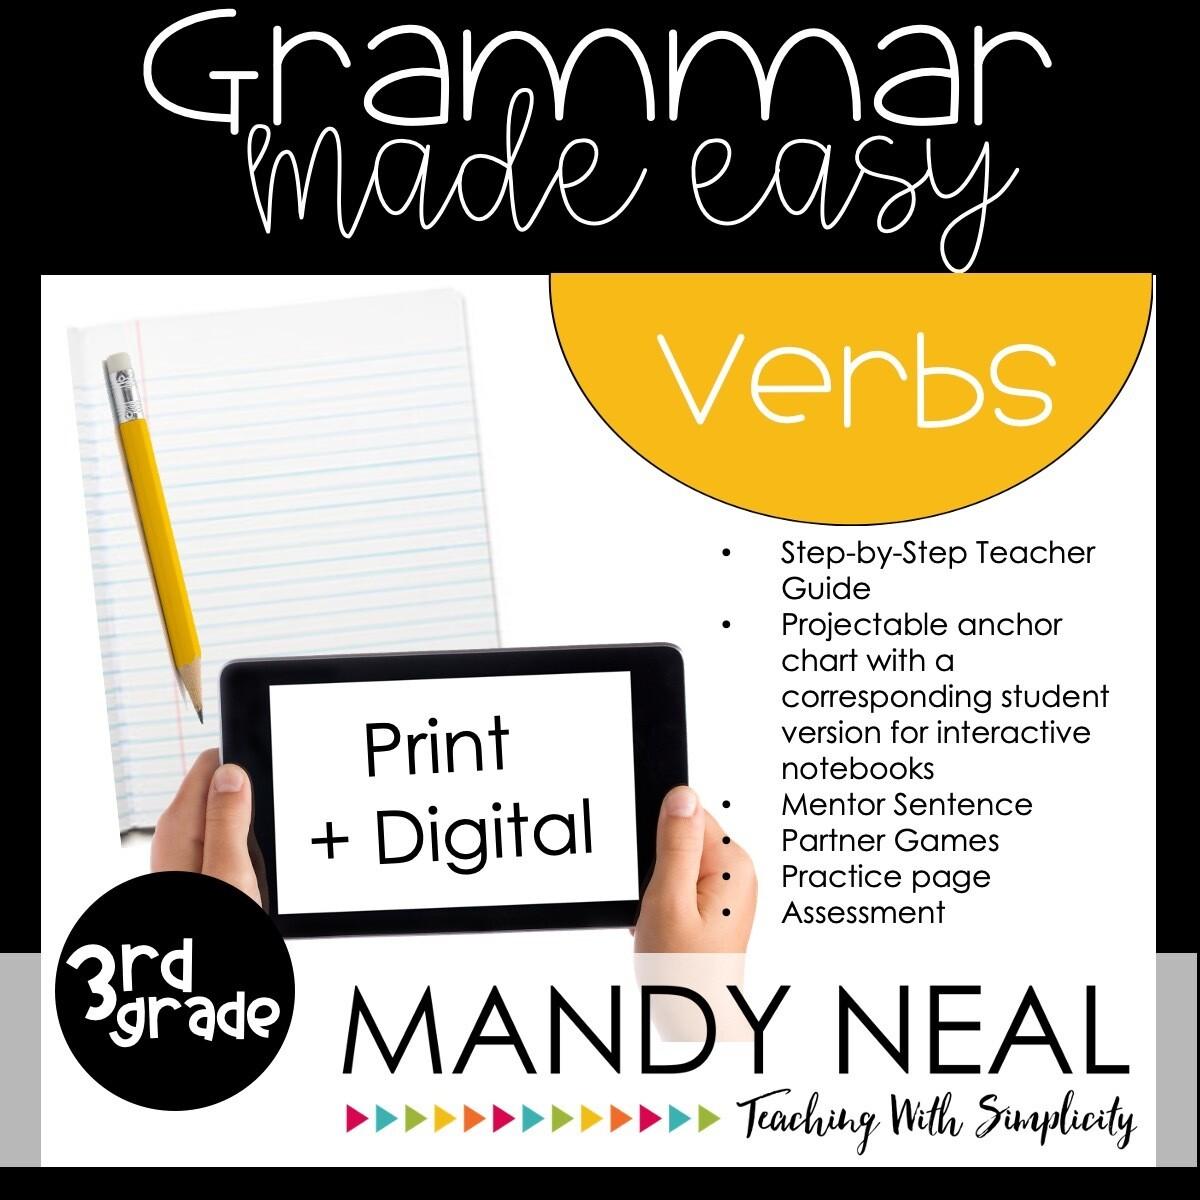 Print + Digital Third Grade Grammar Activities (Verbs)